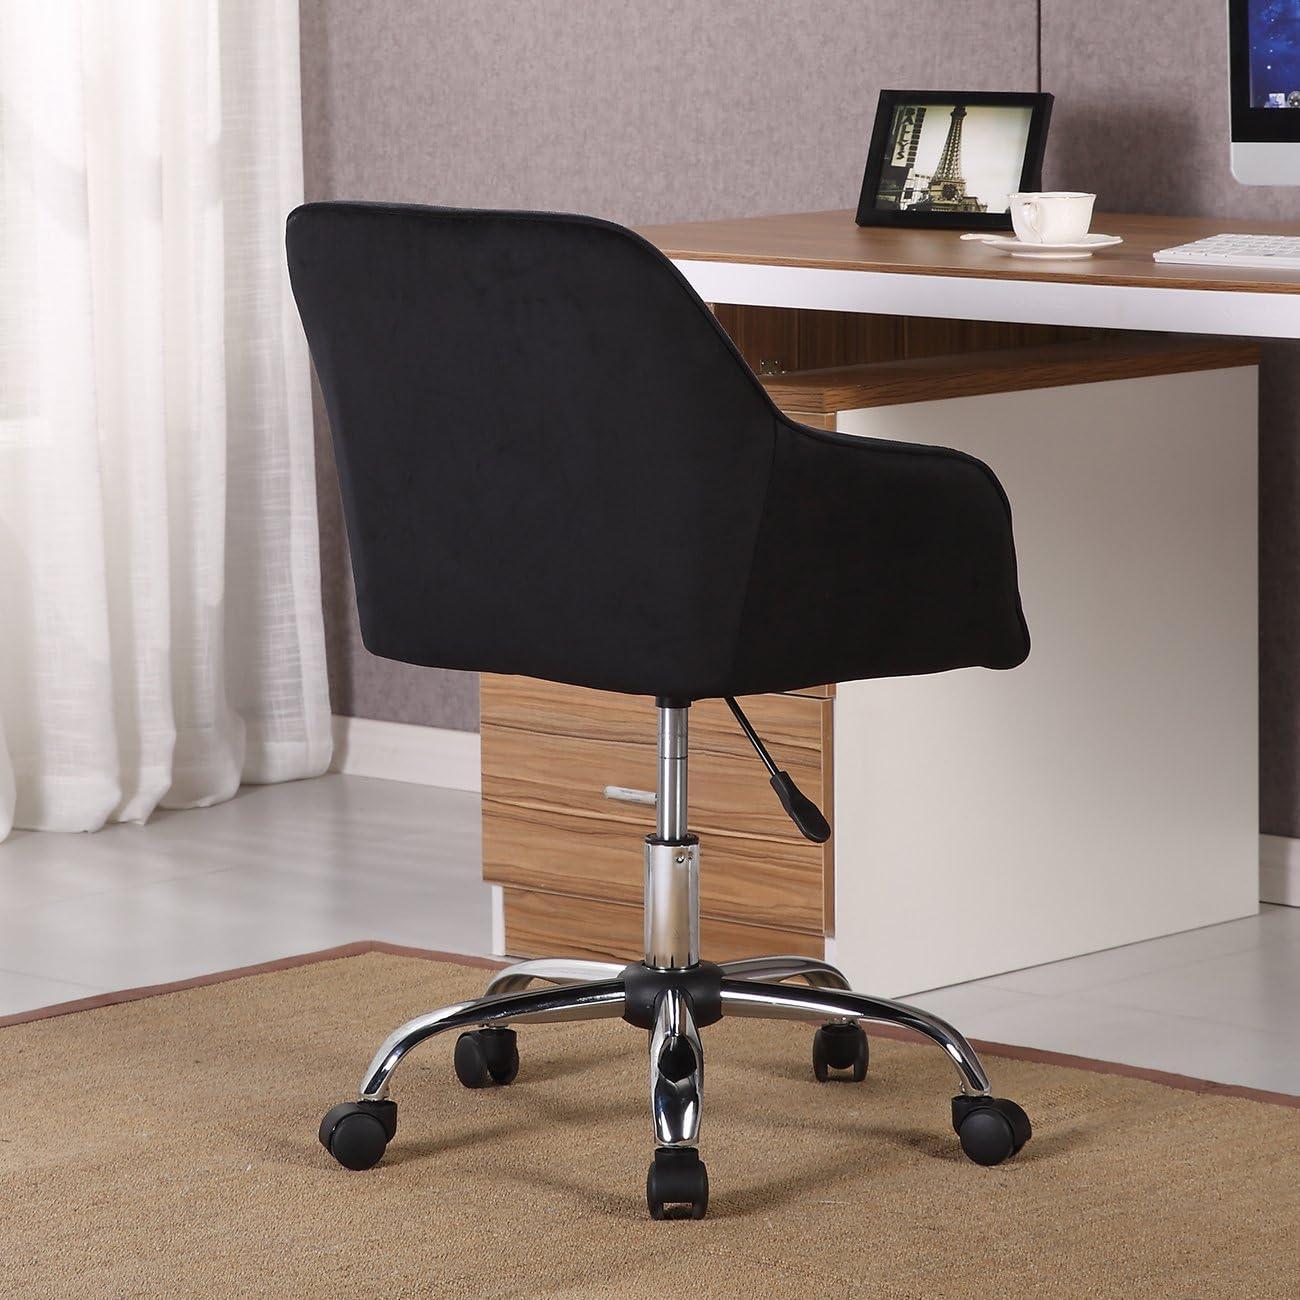 BELLEZE Modern Office Chair Mid-Back Task Home Desk Adjustable Swivel Height Velvet, Black